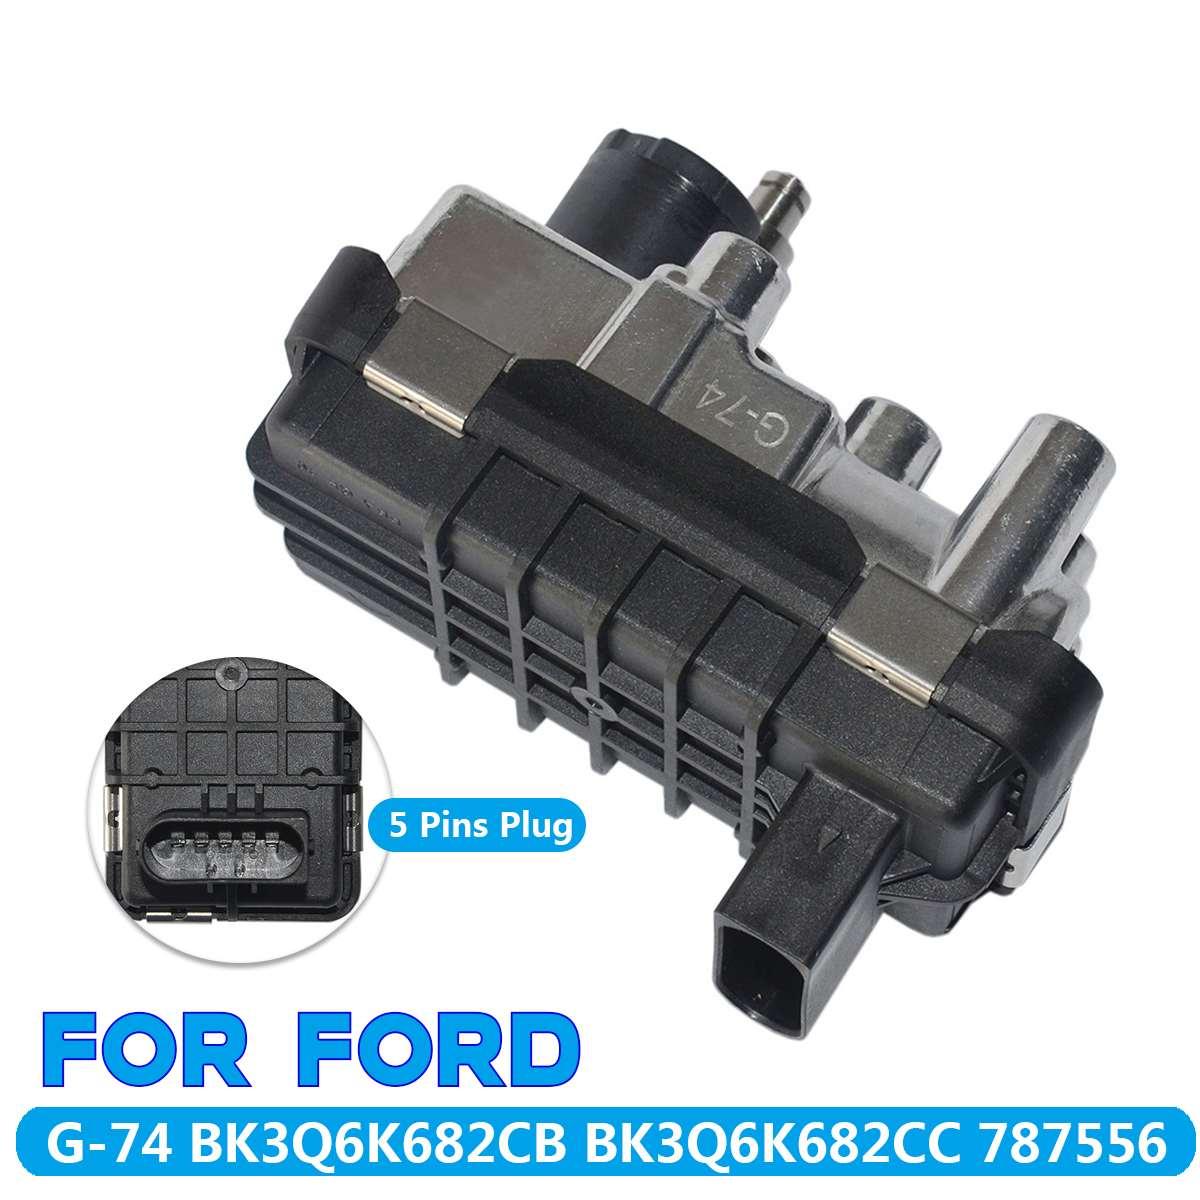 TURBO ÉLECTRIQUE ACTIONNEUR G-74/BK3Q6K682CB Pour FORD RANGER TRANSIT MK8 2.2 TDCI Métal + Plastique Auto pièces de rechange 5 Pins plug